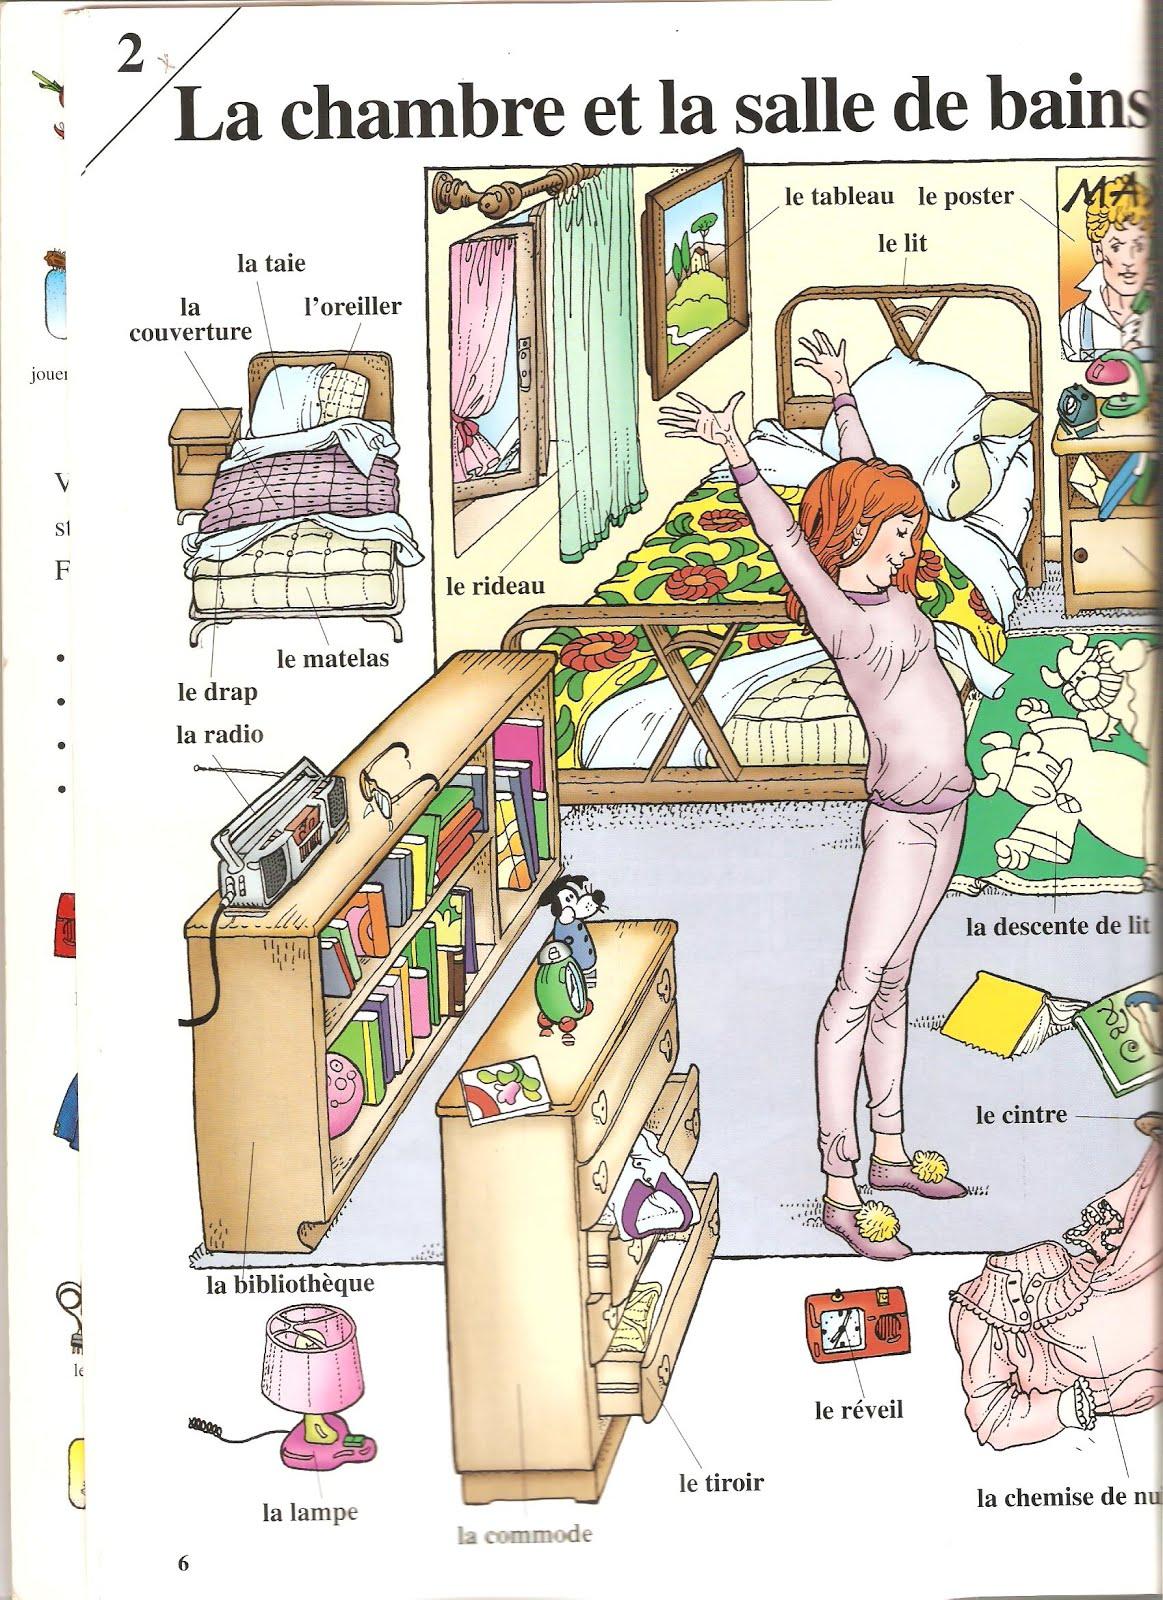 Meubles de maison liste - Vocabulaire de la cuisine ...